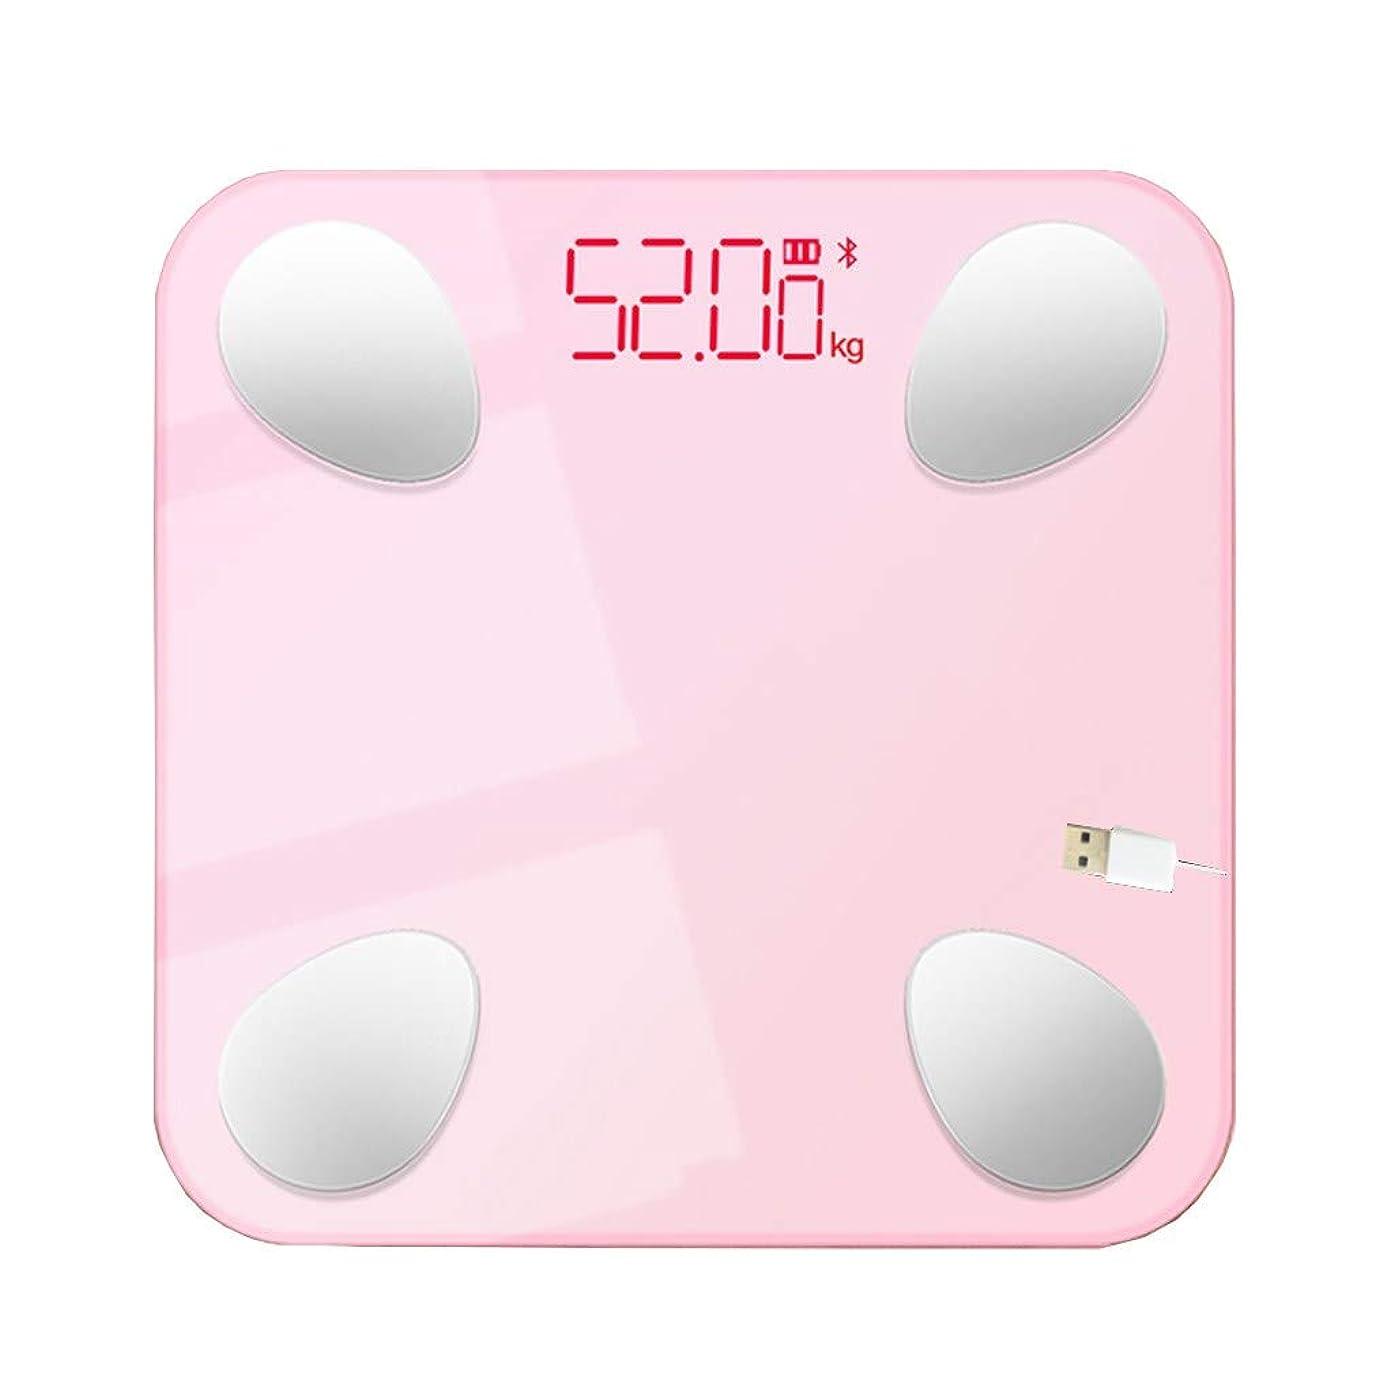 侮辱液化する酸度高精度体重計を失う重量デジタルバスルームスケール隠しスクリーンディスプレイ180キログラム容量usb充電